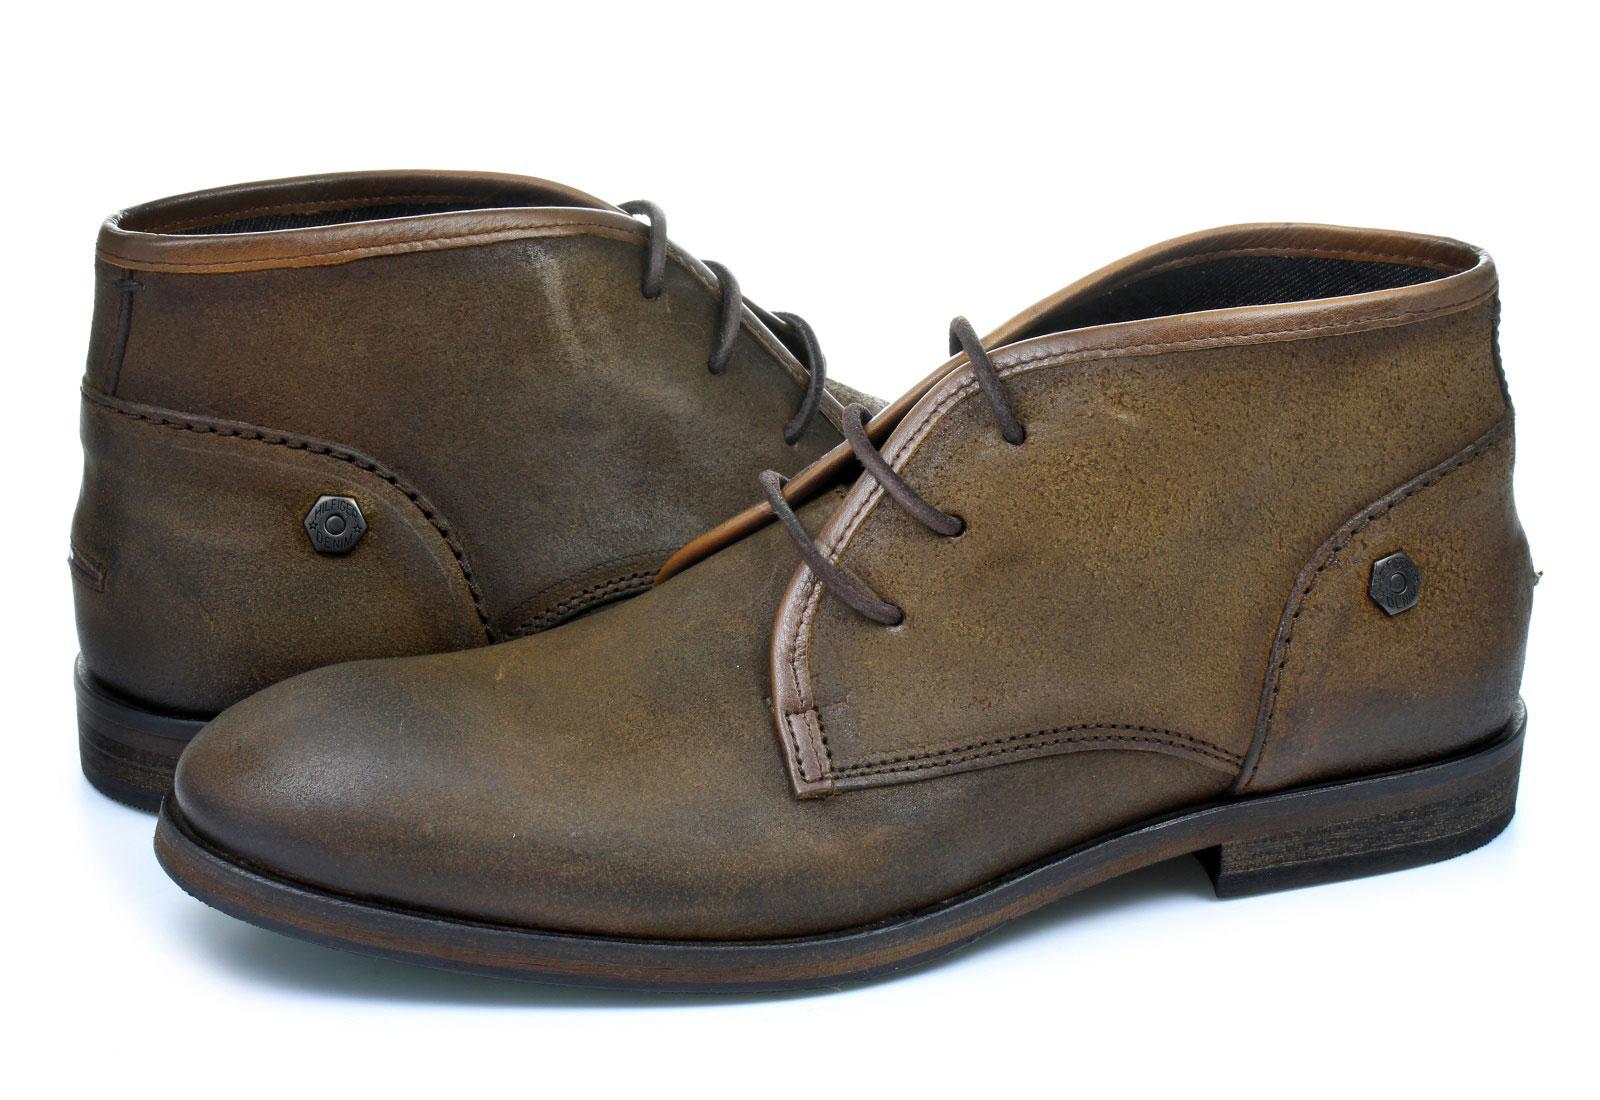 Tommy Hilfiger Cipő - Jack 1c - 16F-1795-211 - Office Shoes Magyarország 4bcd02b561